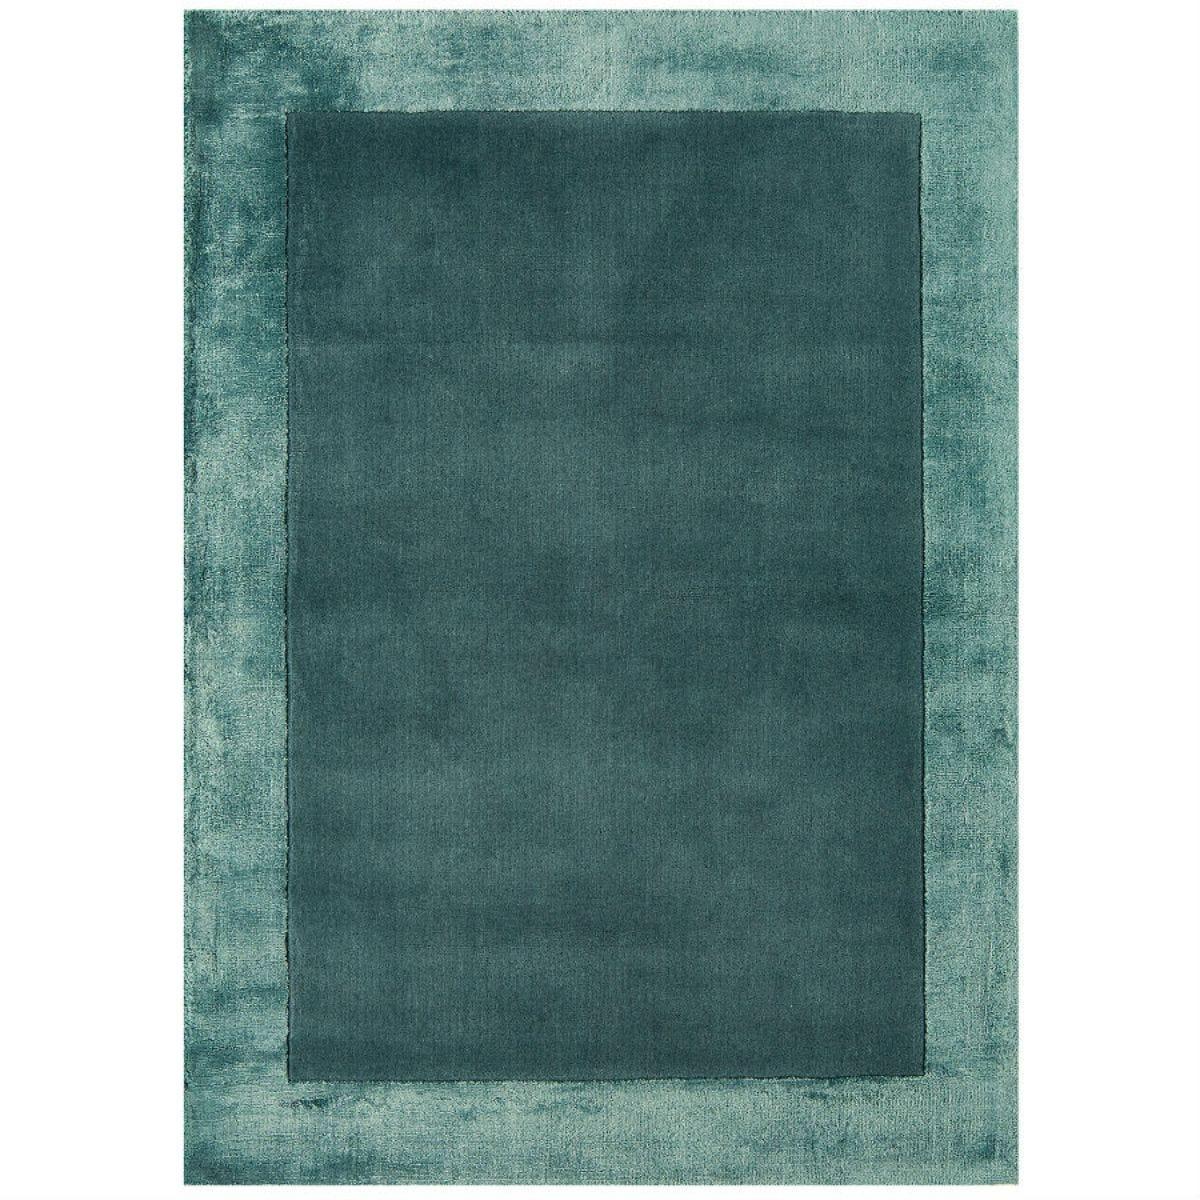 Asiatic Ascot Rug, 160 x 230cm - Aqua Blue